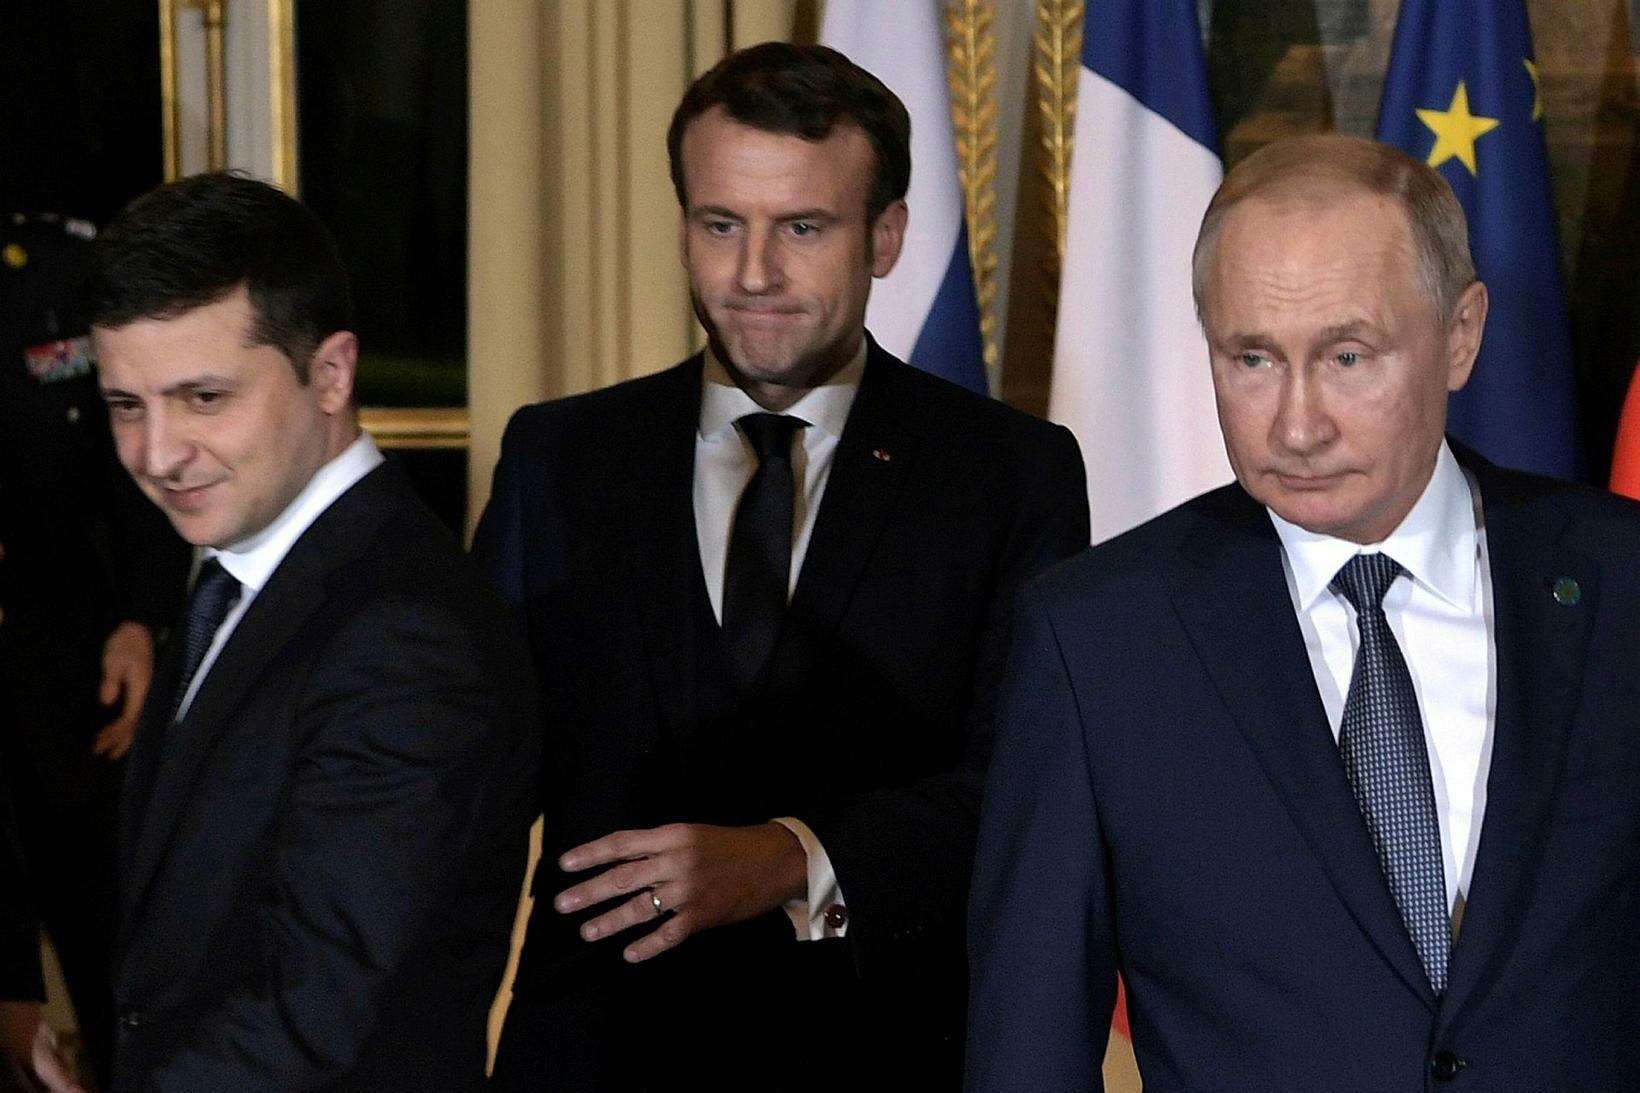 Frá vinstri: Volodymyr Zelensky, Emmanuel Macron og Pútín í París.